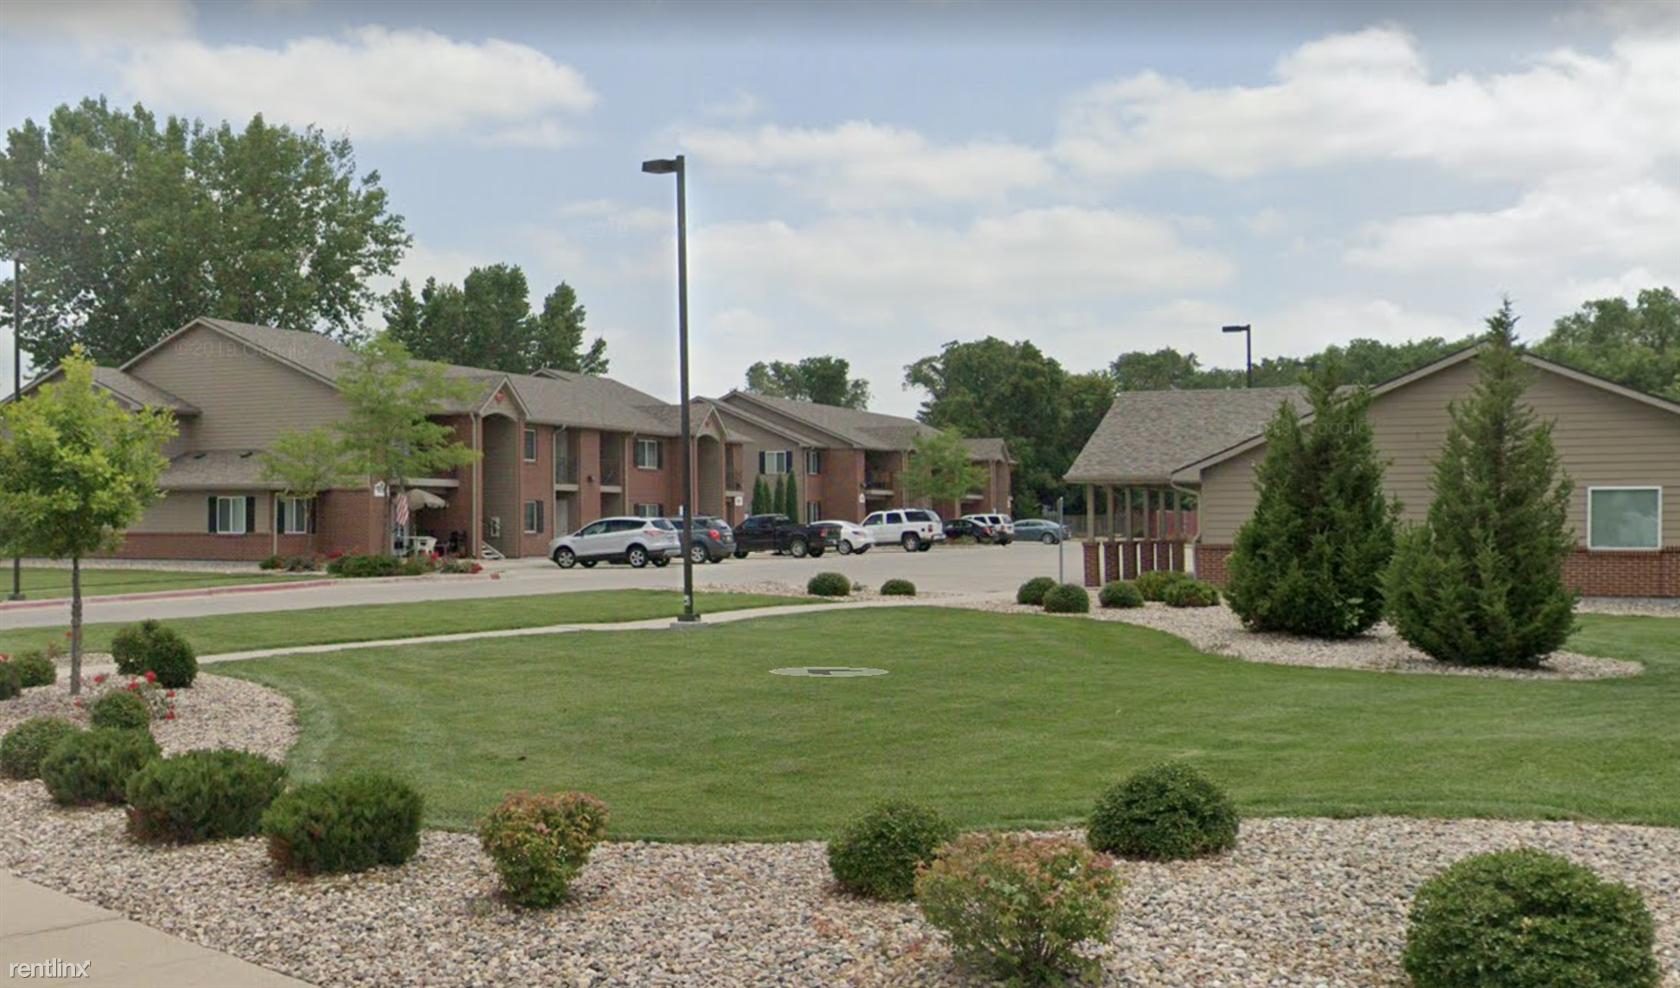 800 Riverview Dr, South Sioux City, NE - 465 USD/ month